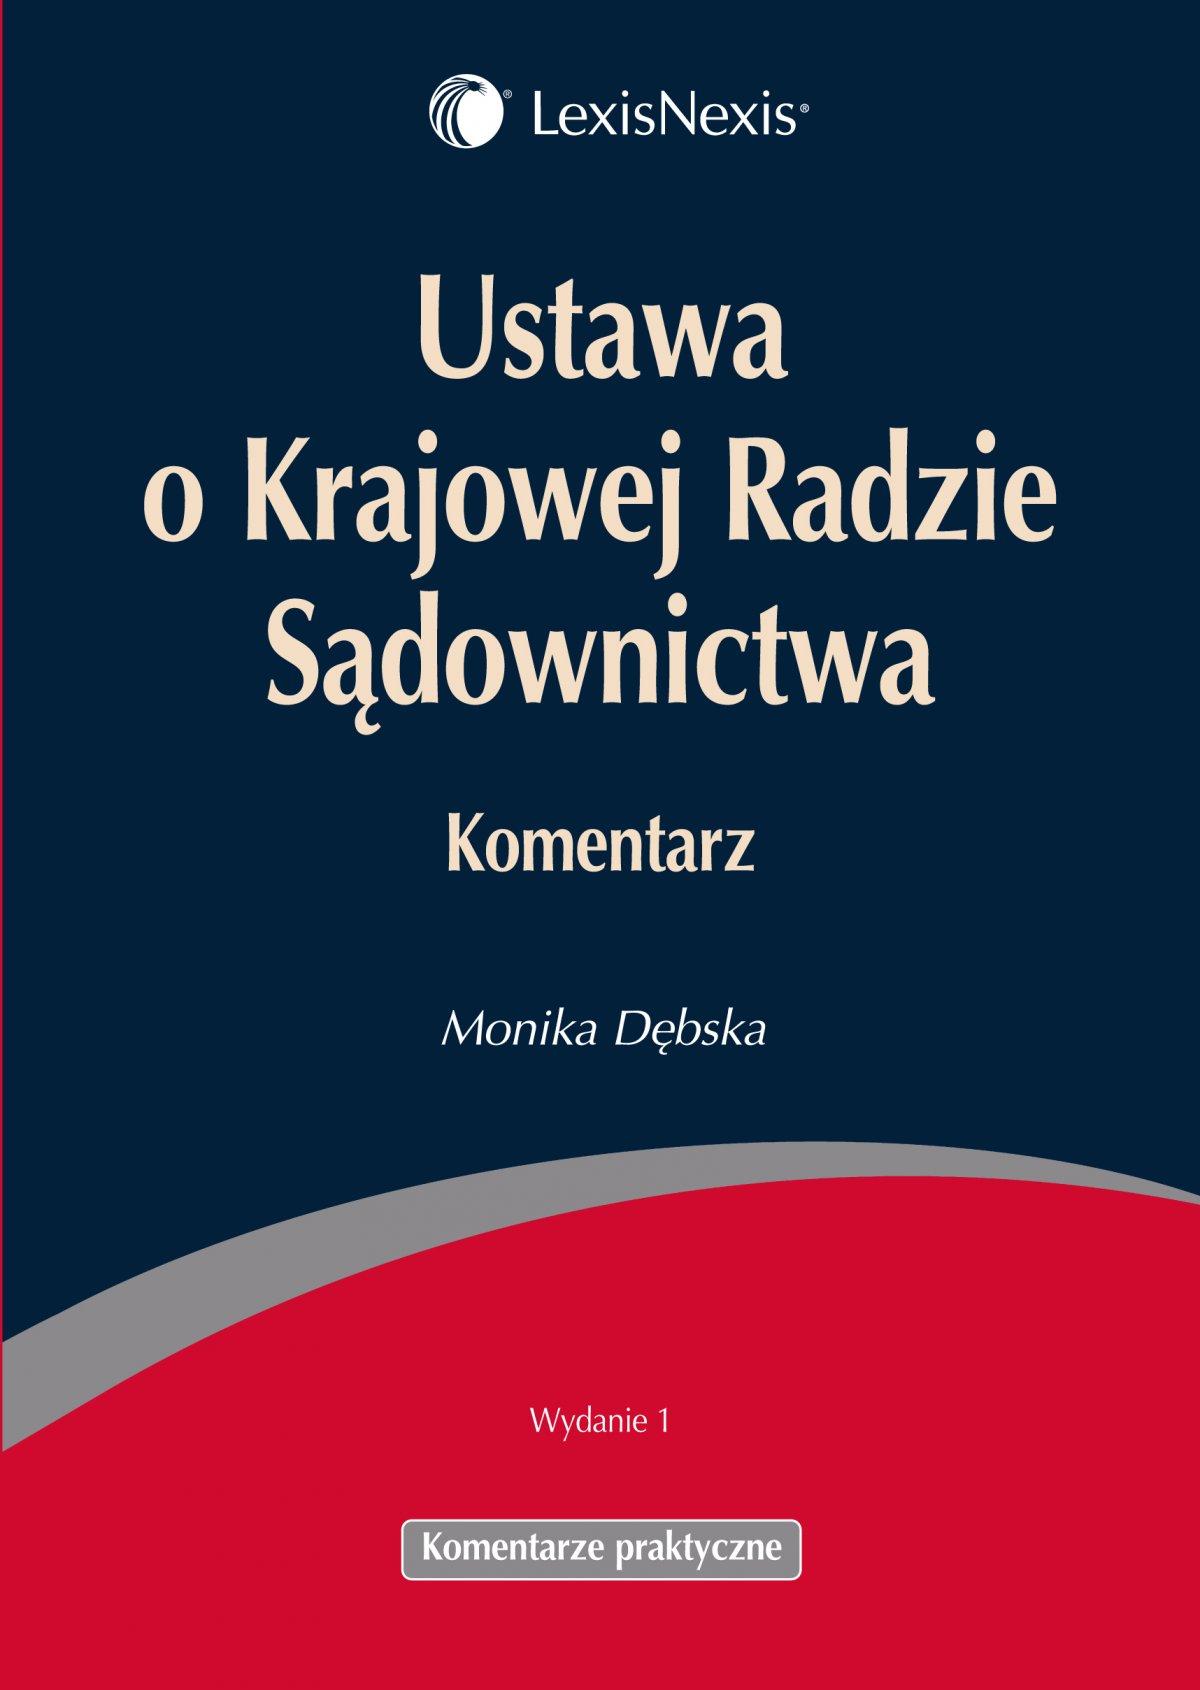 Ustawa o Krajowym Rejestrze Sądowym. Komentarz. Wydanie 1 - Ebook (Książka EPUB) do pobrania w formacie EPUB